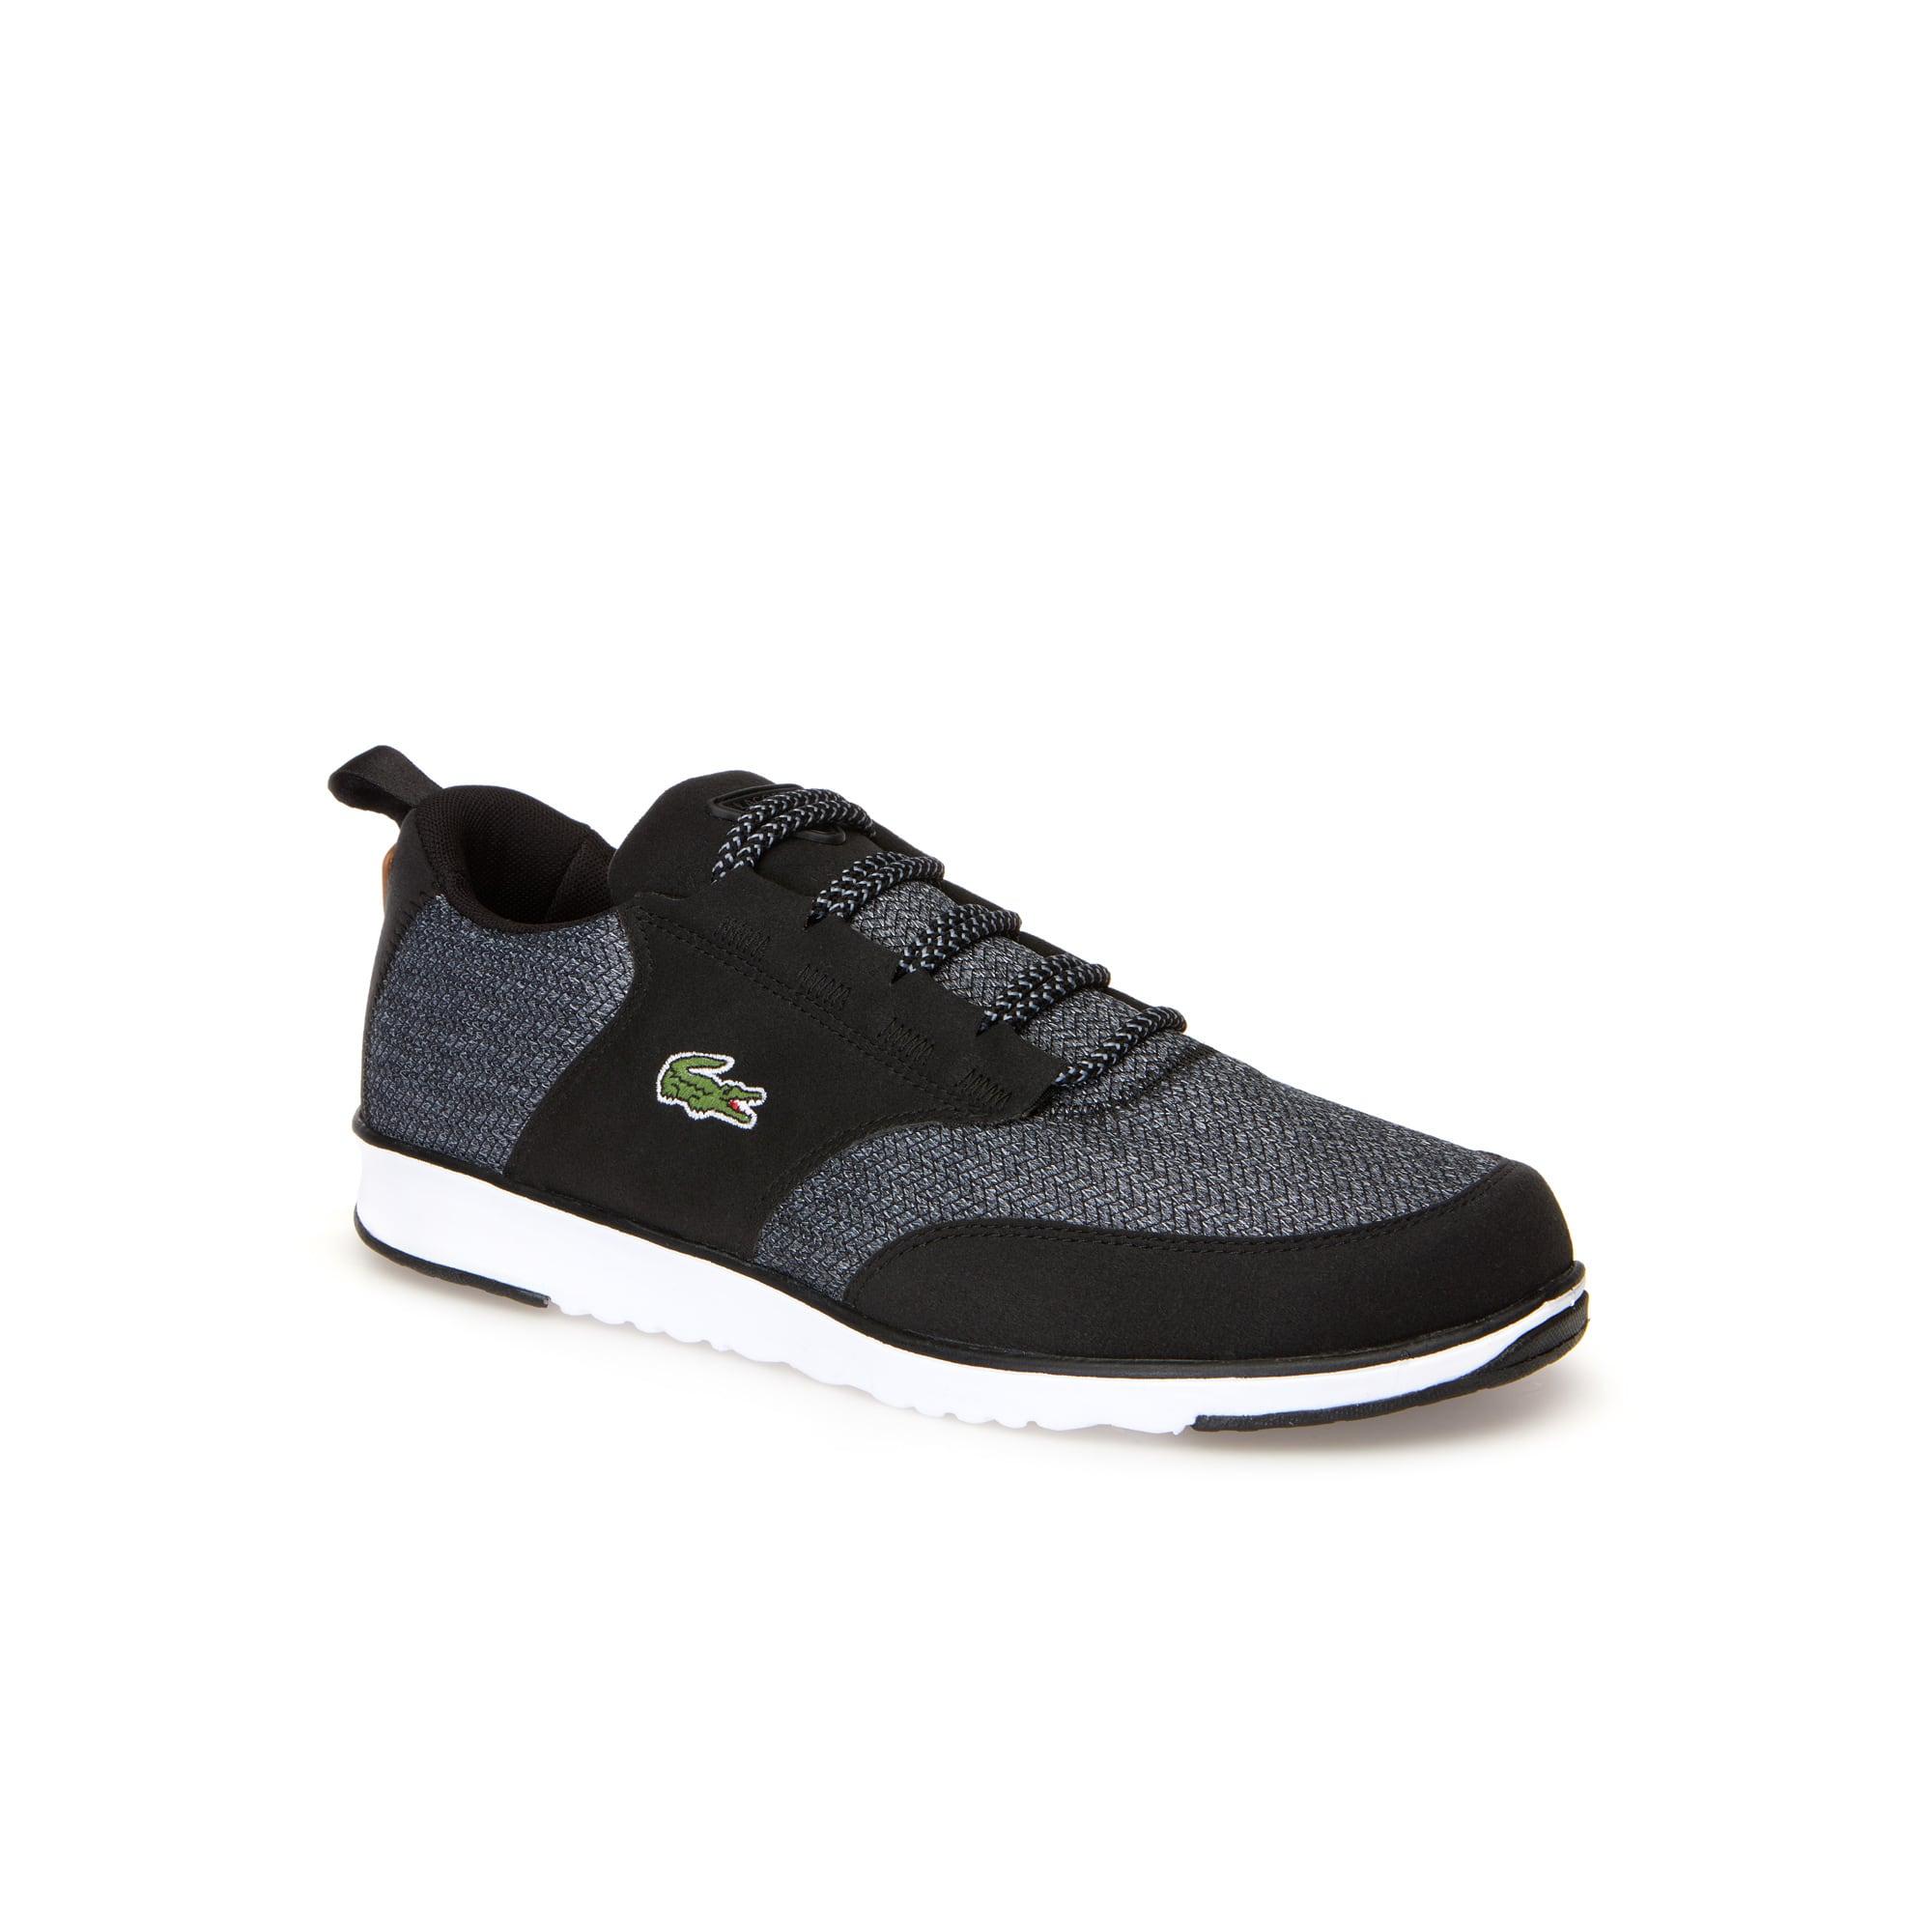 Herren-Sneakers L.IGHT aus meliertem Piqué